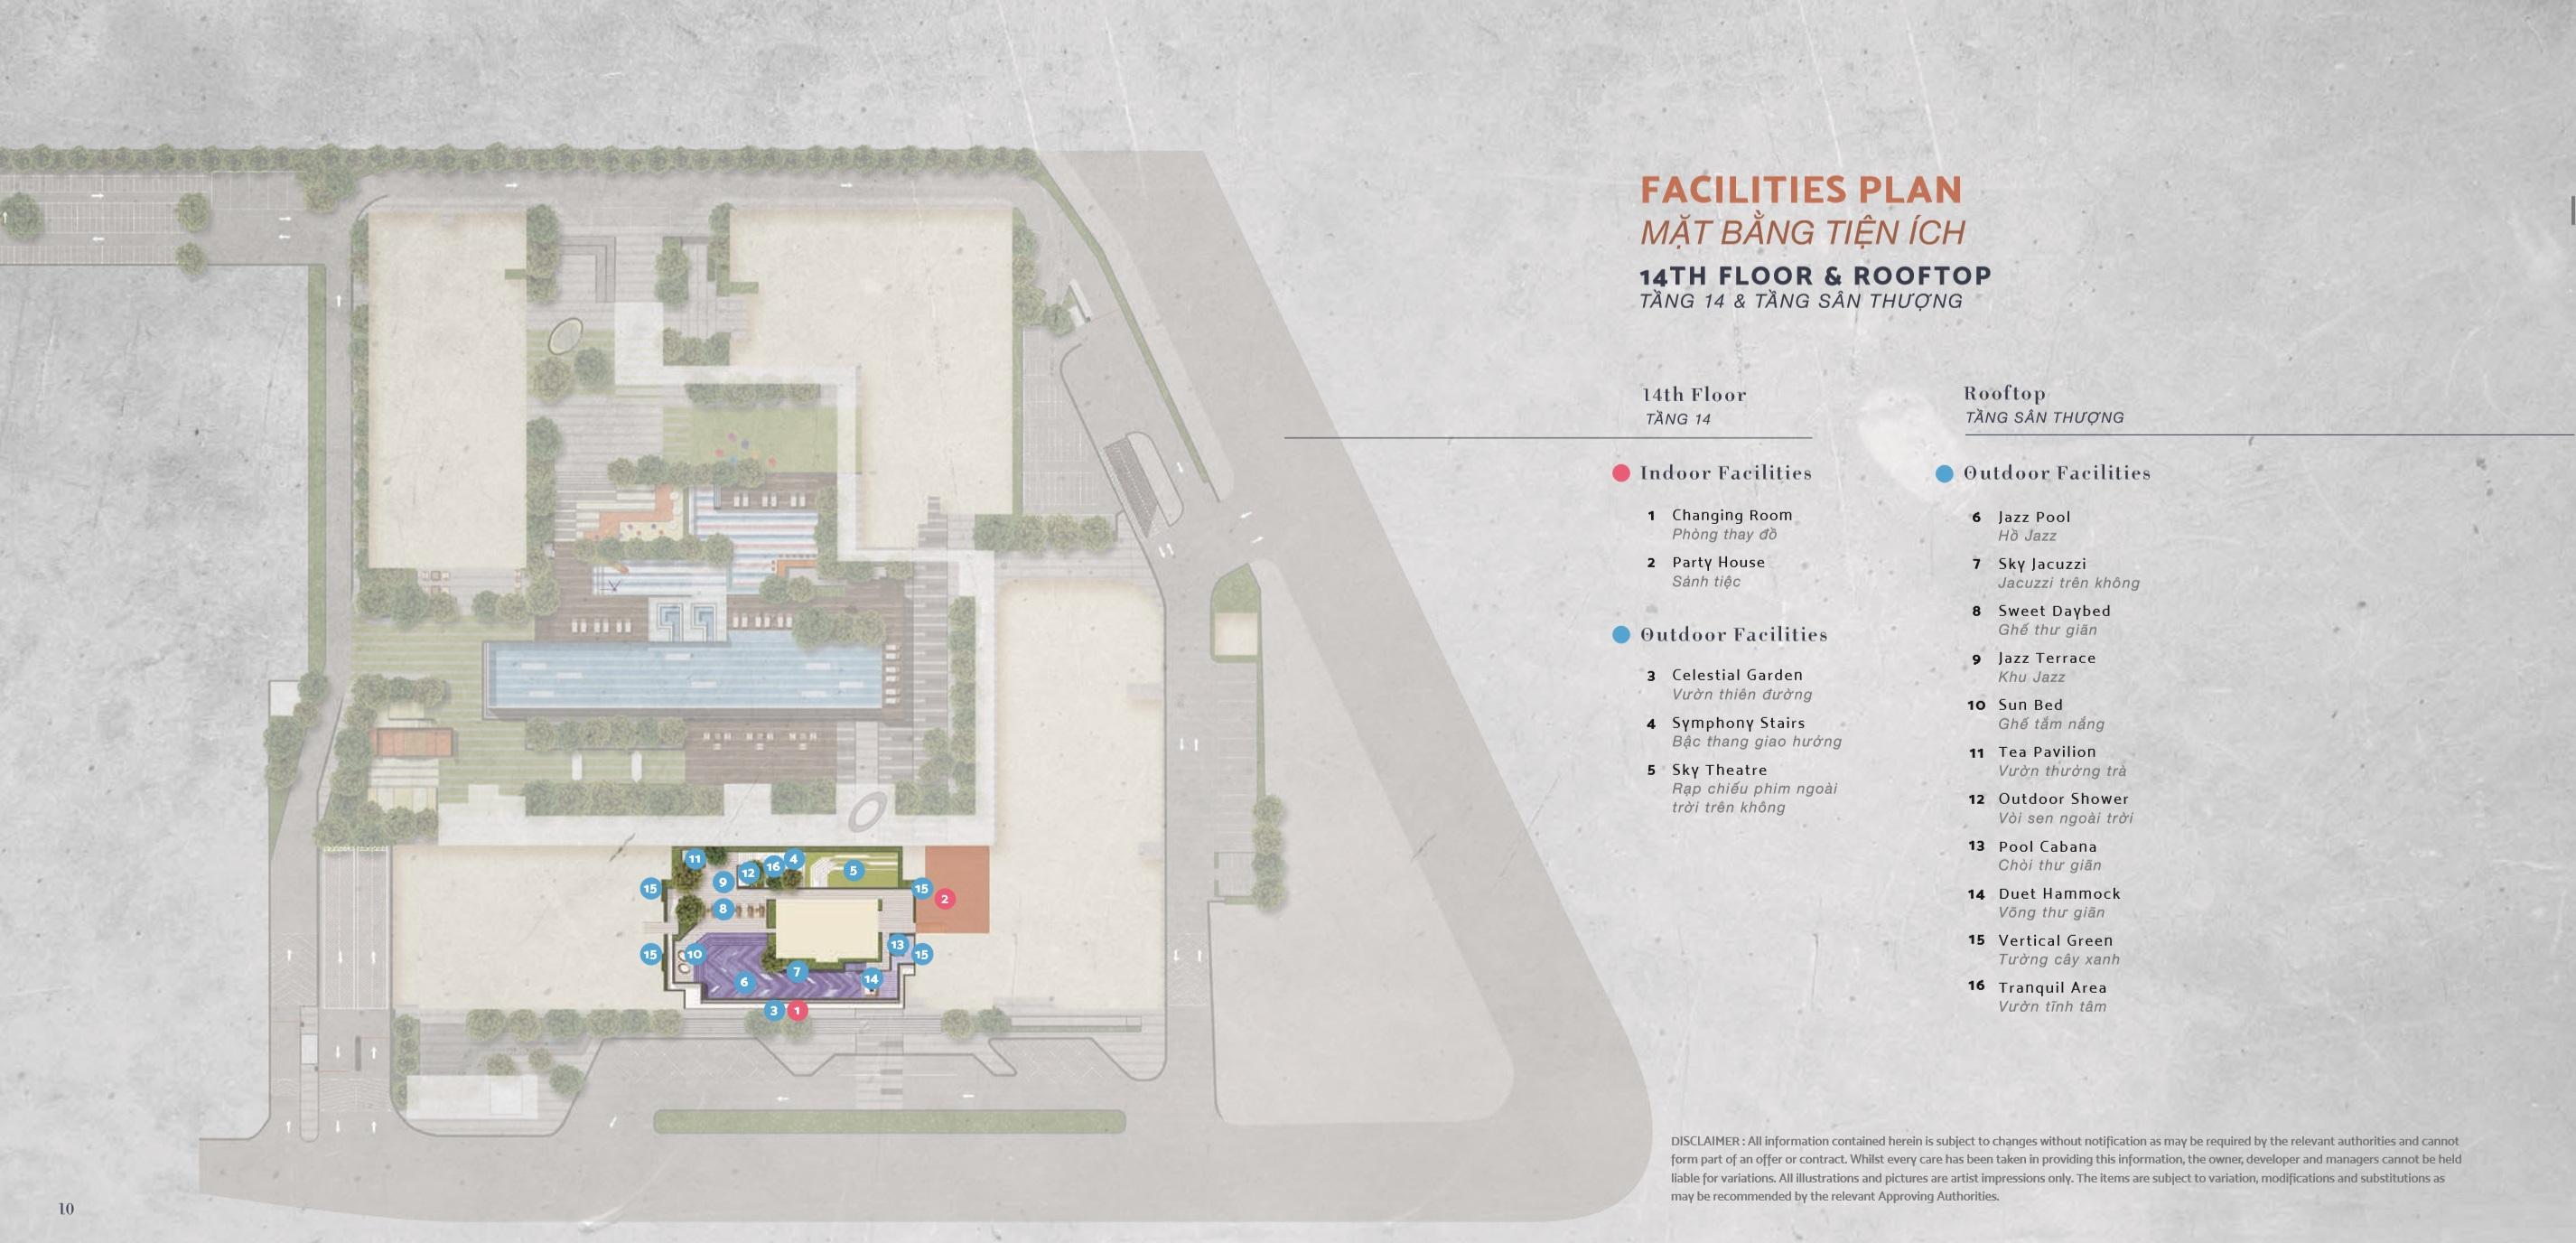 Delasol_Faciliities_14th_Floor